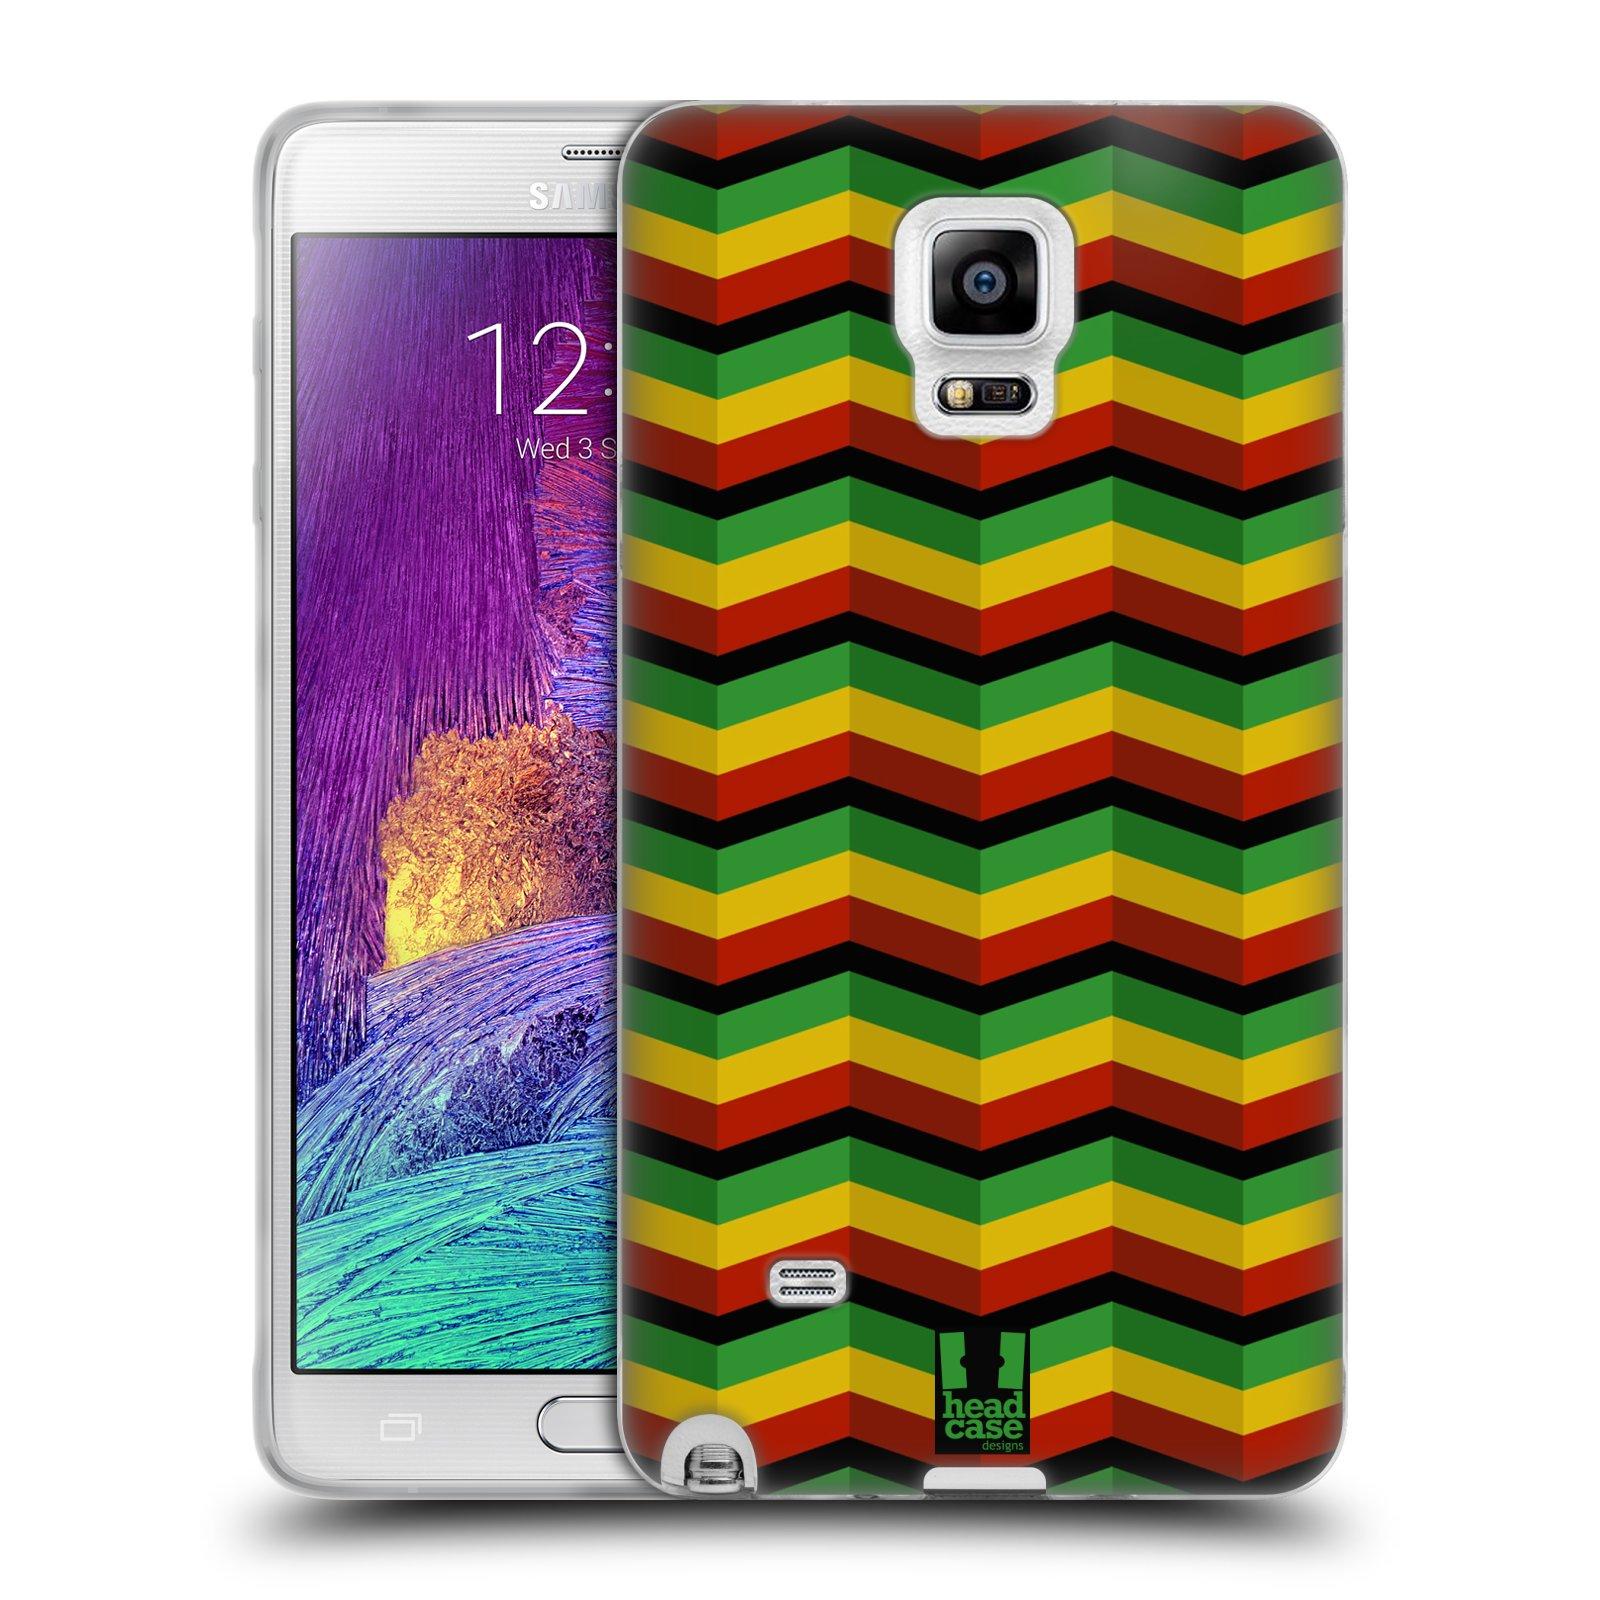 Silikonové pouzdro na mobil Samsung Galaxy Note 4 HEAD CASE RASTA CHEVRON (Silikonový kryt či obal na mobilní telefon Samsung Galaxy Note 4 SM-N910F)